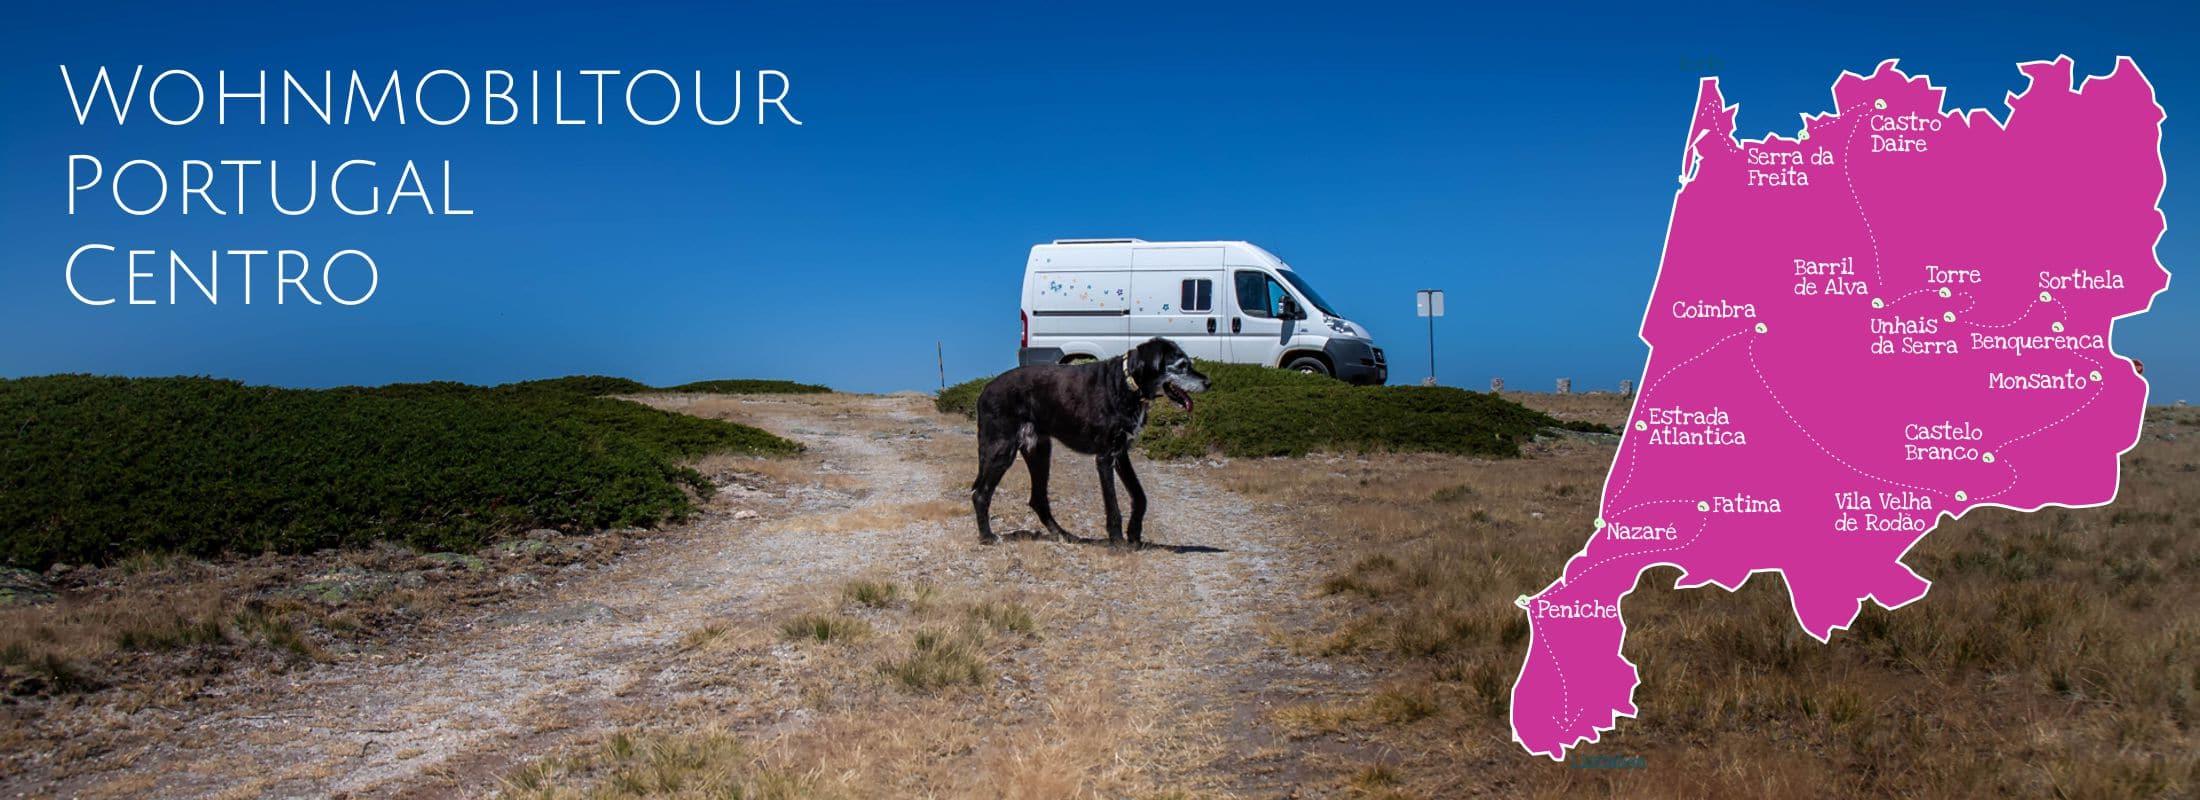 Wohnmobiltour Centro | mit dem Wohnmobil durch Portugal Teil III